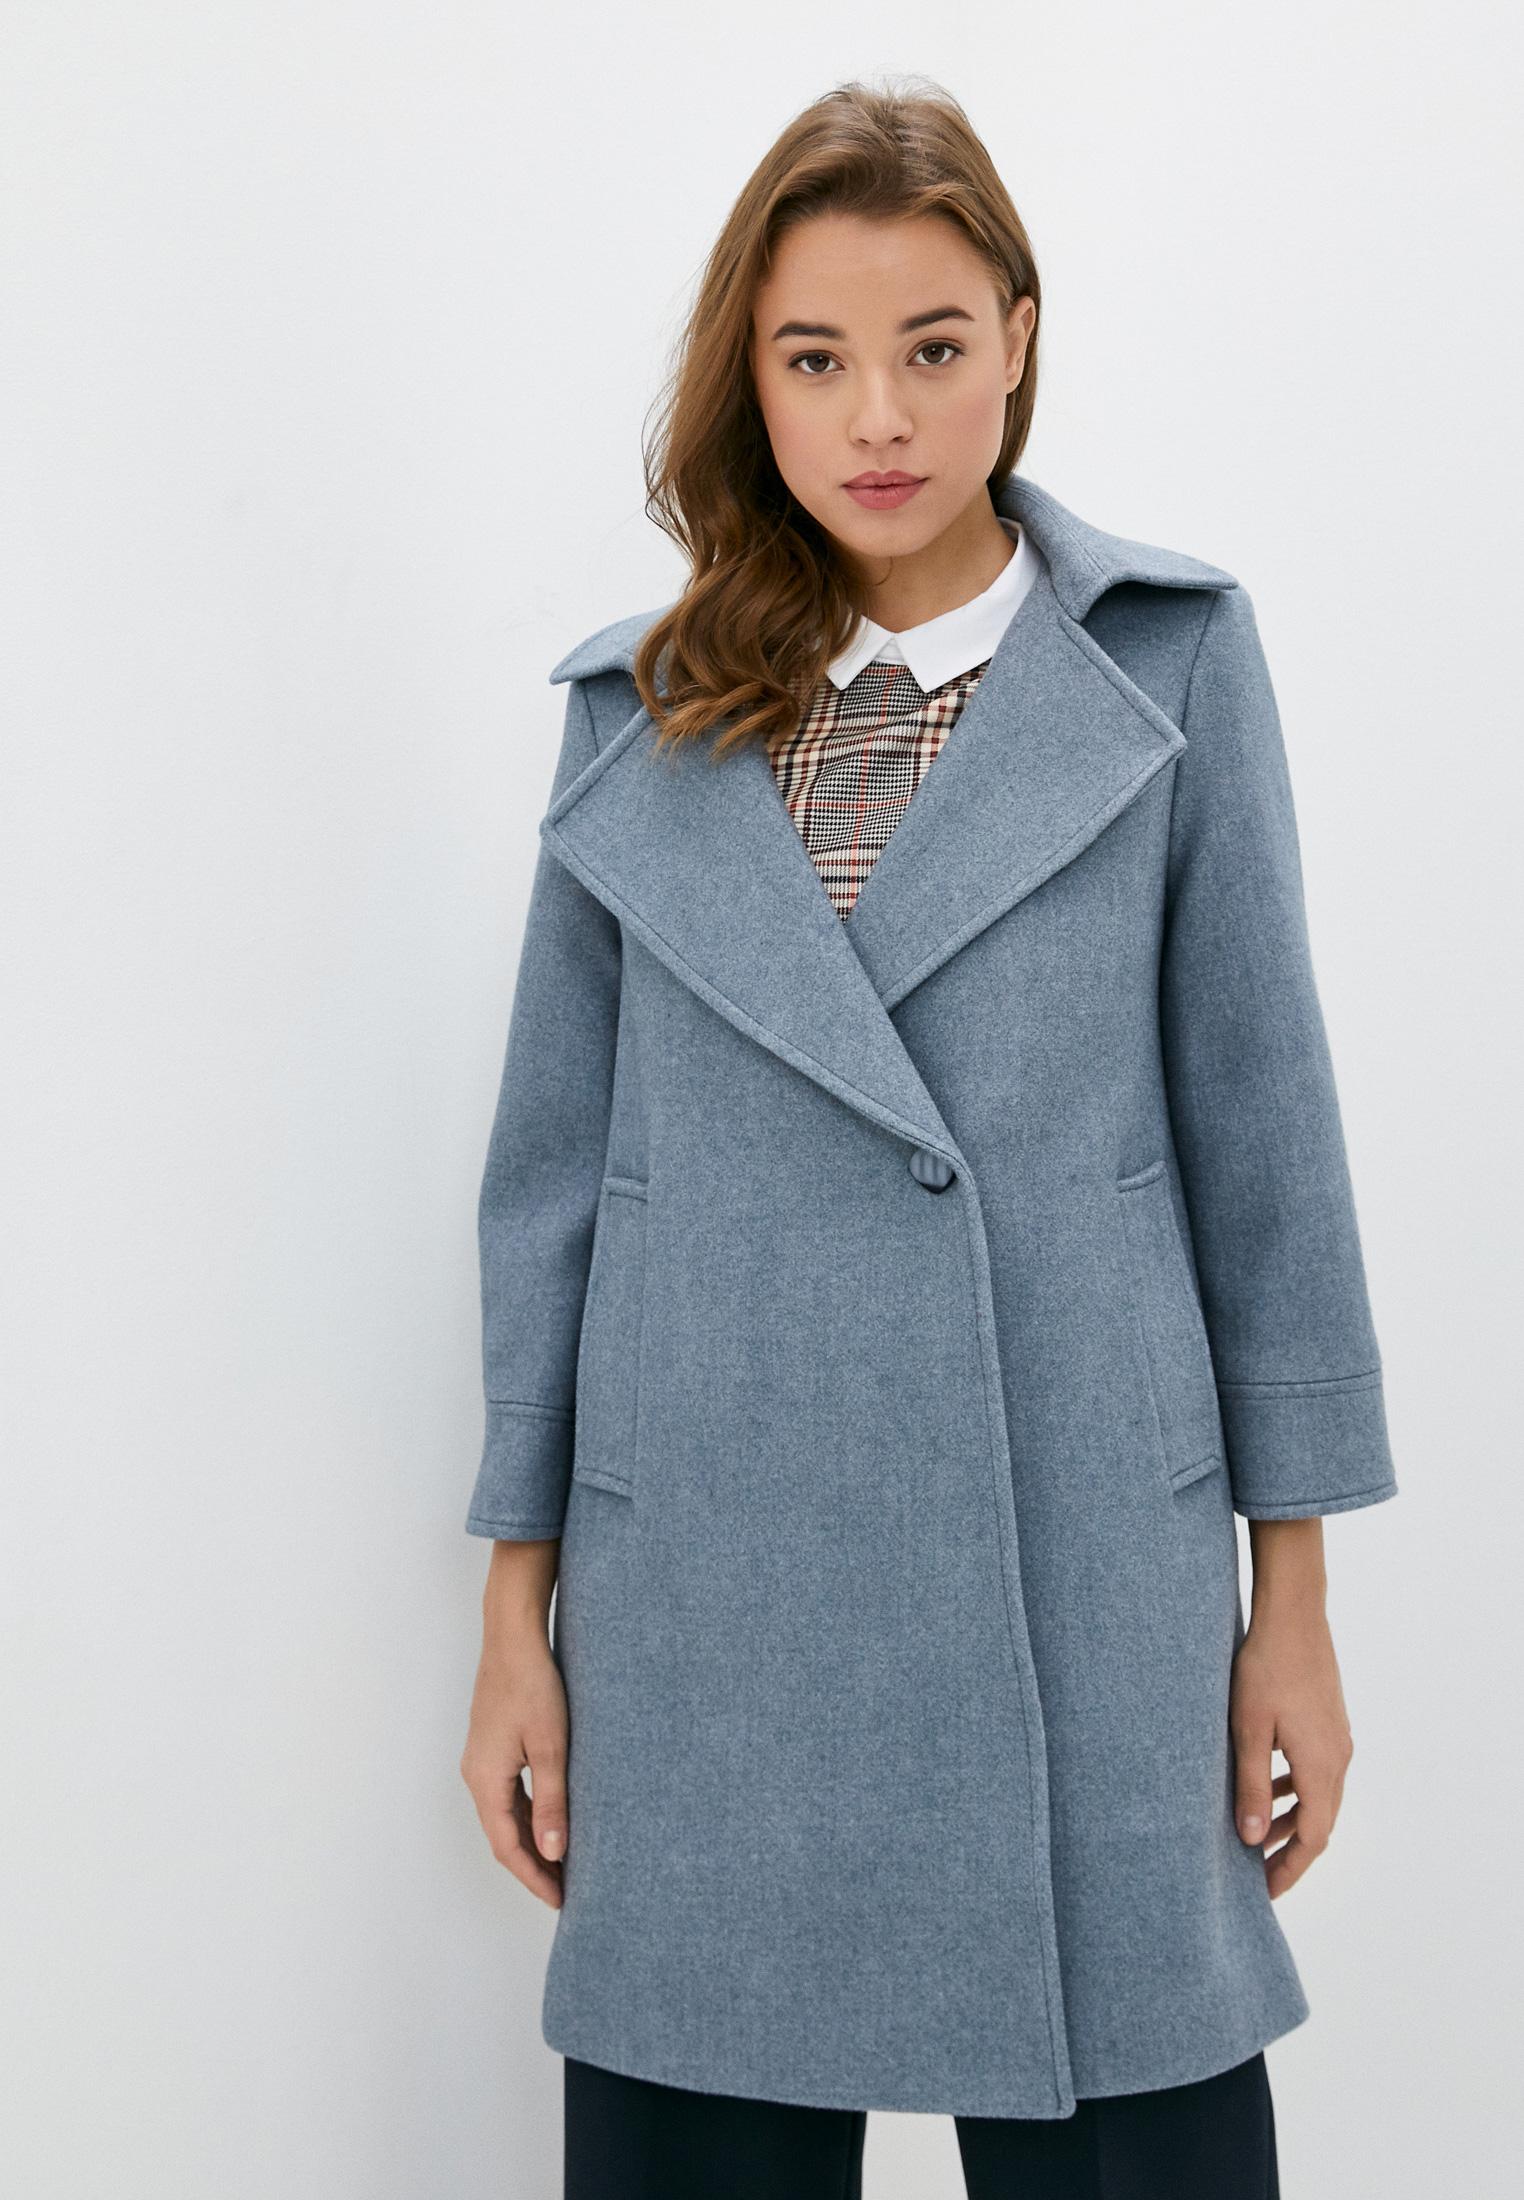 Женские пальто Moda Sincera N401-1